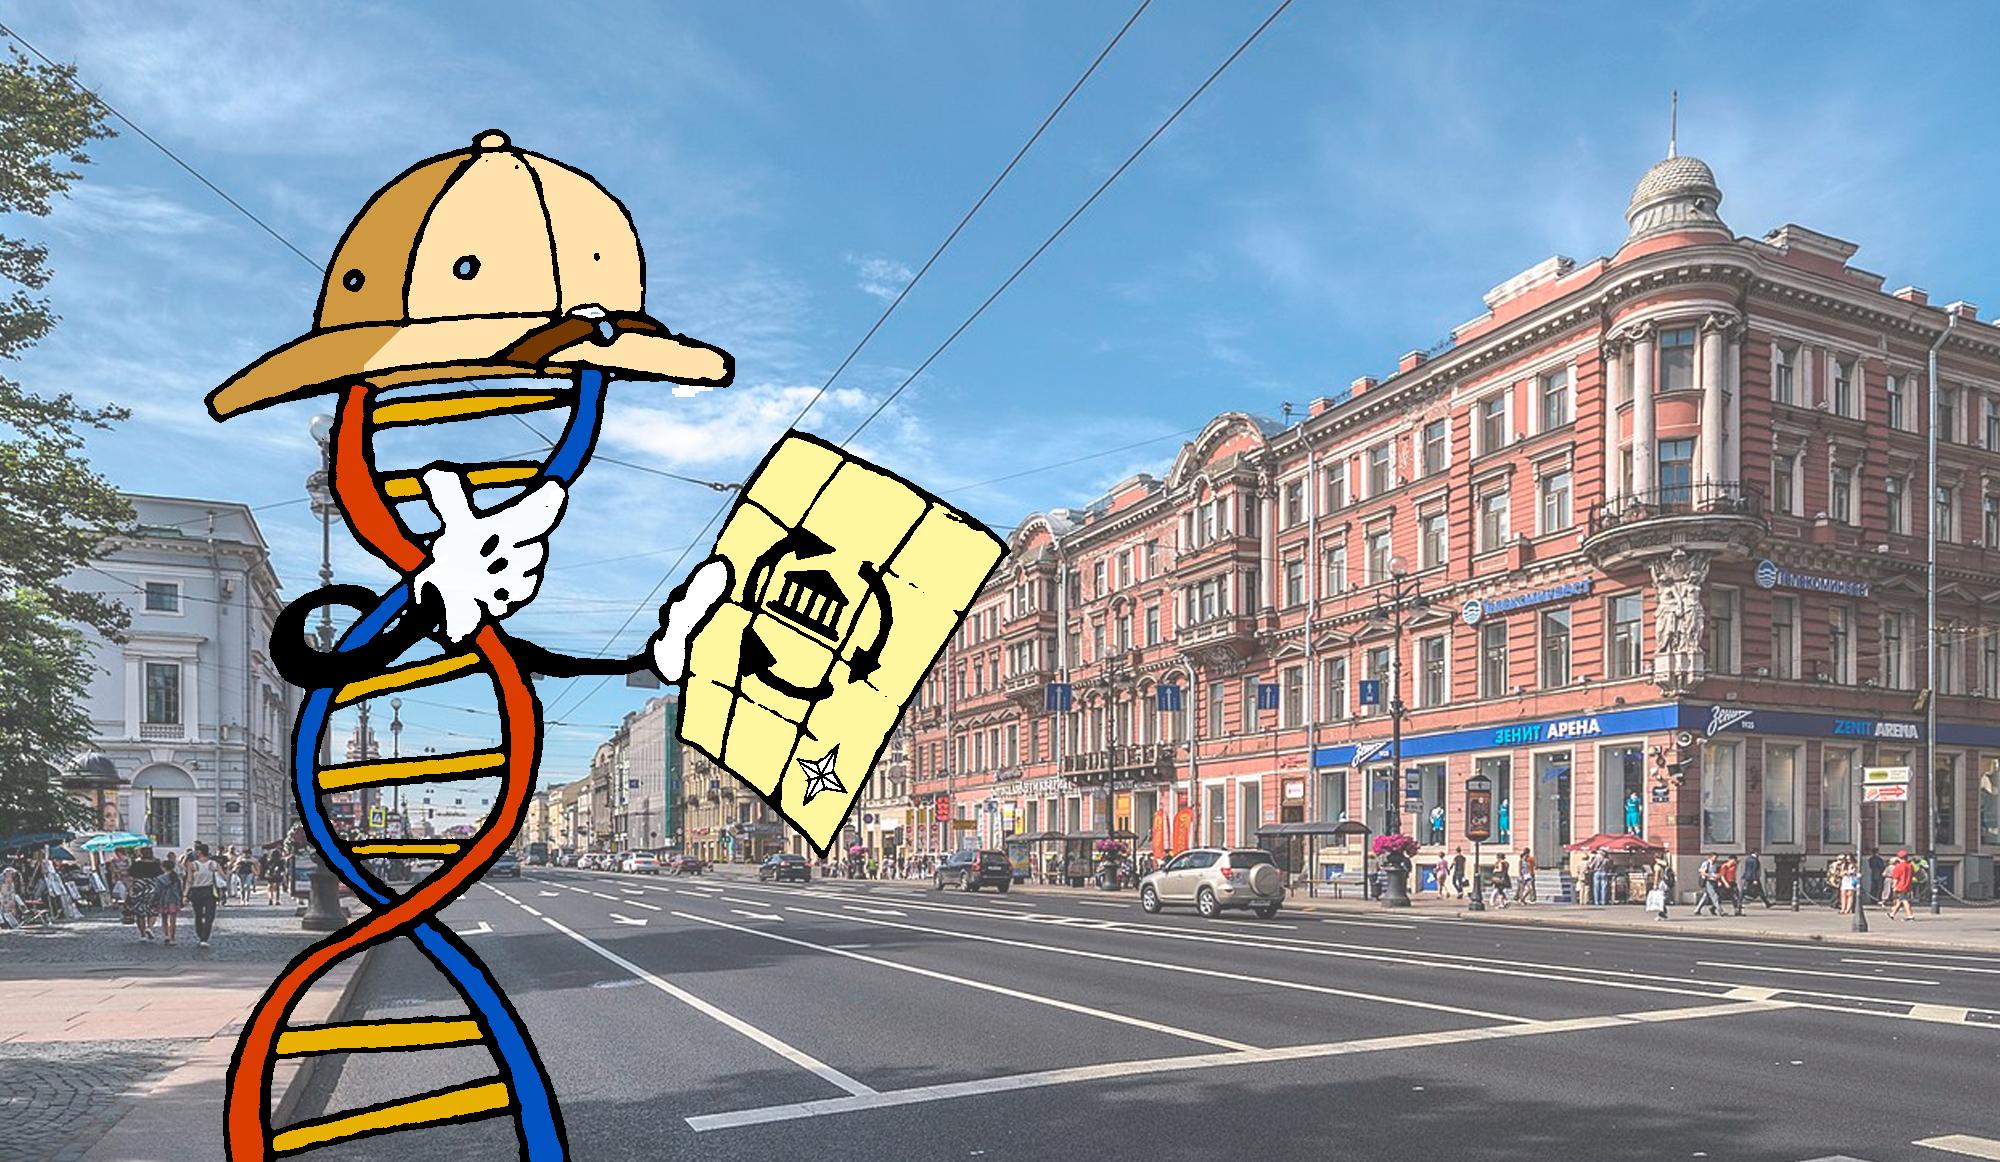 Гуляем по городу с умом — 2: ходим по городу кругами с помощью генетического алгоритма - 1